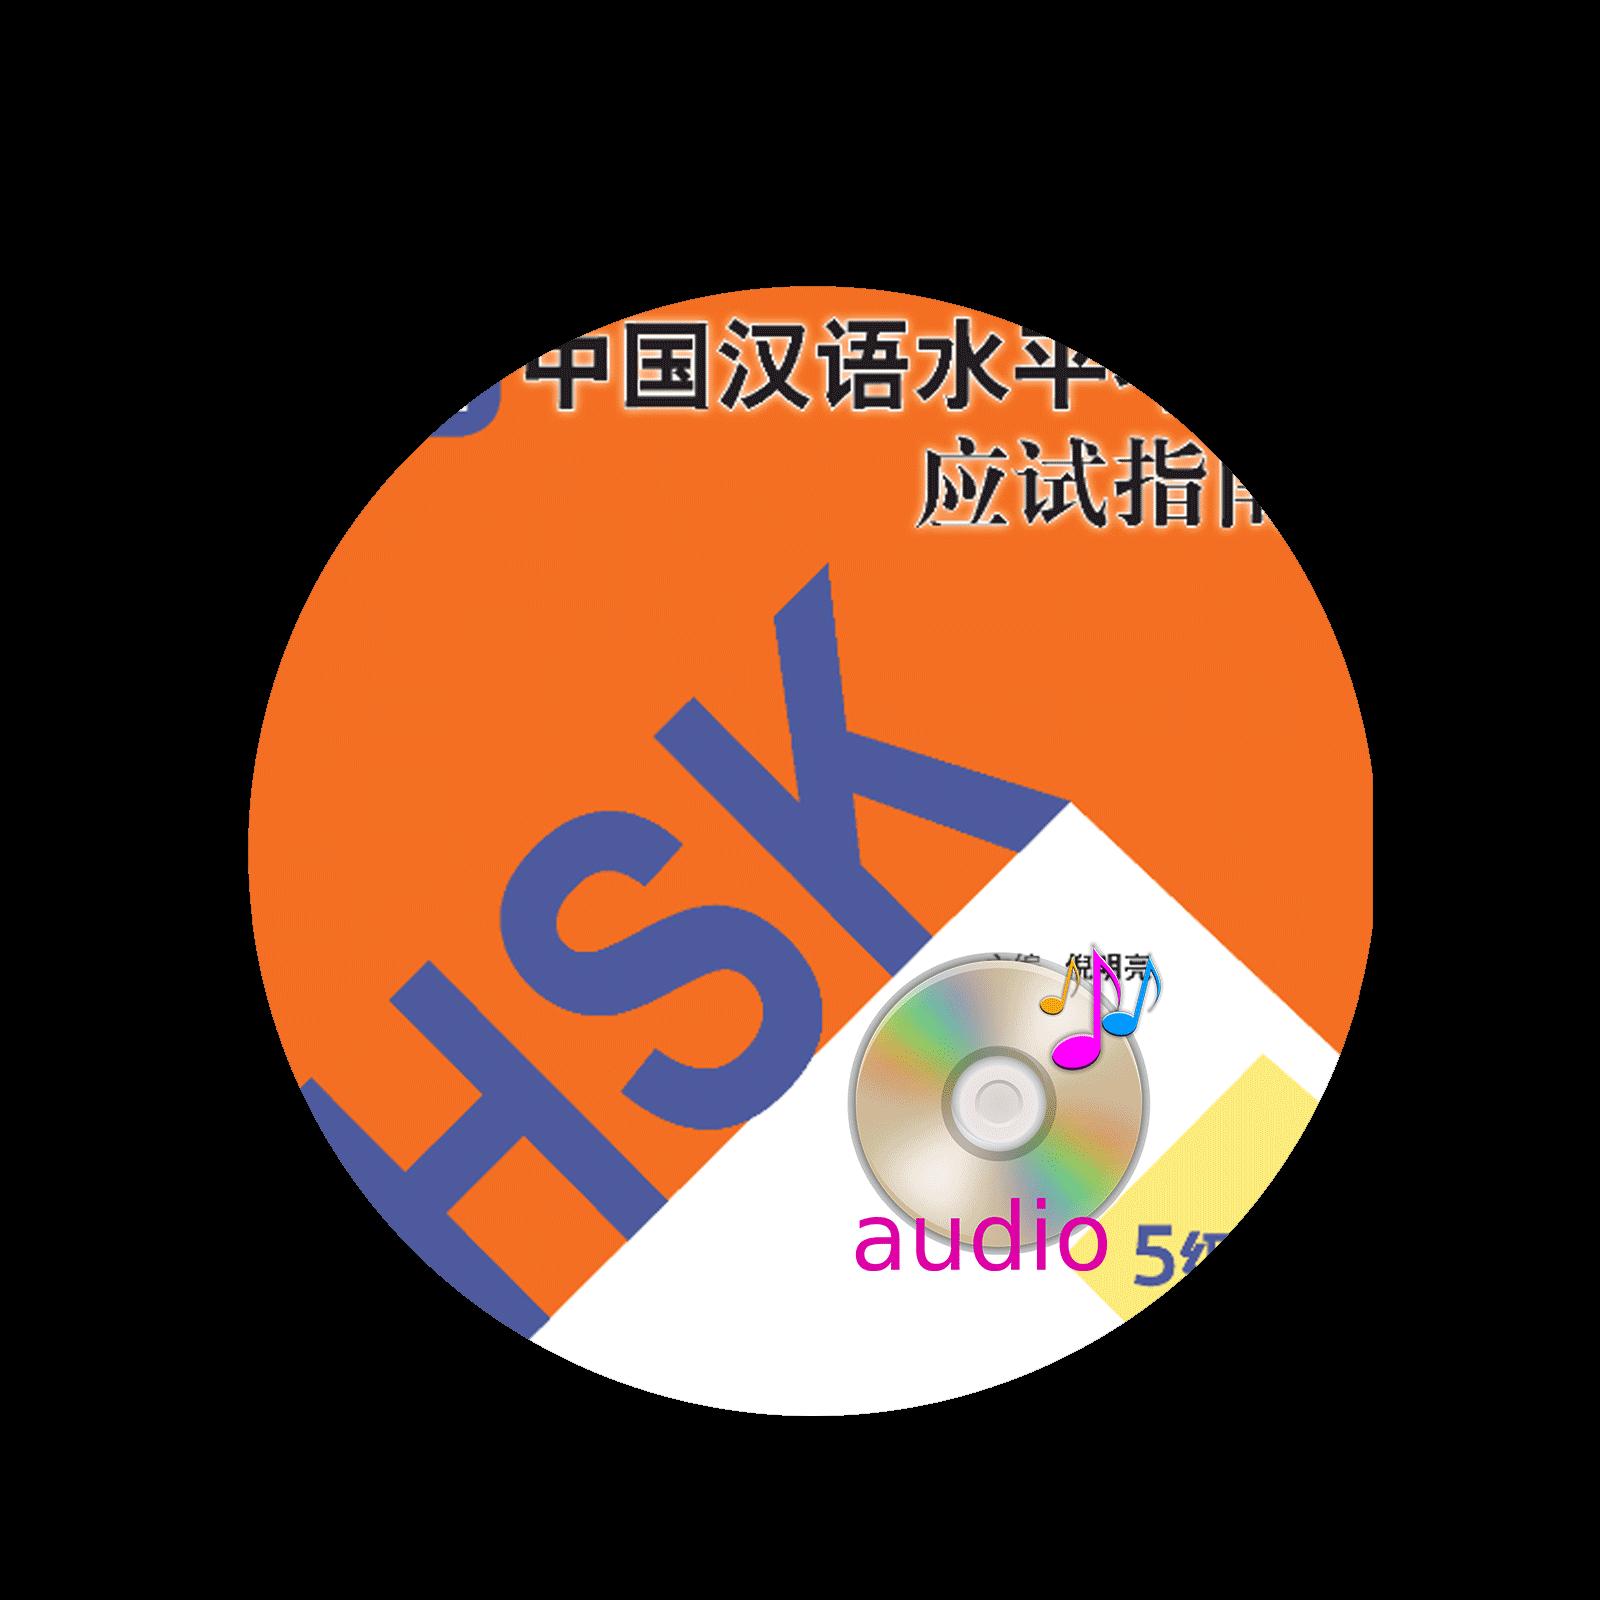 Xin Zhongguo Hsk Yingshi Zhinan 5Ji Audio